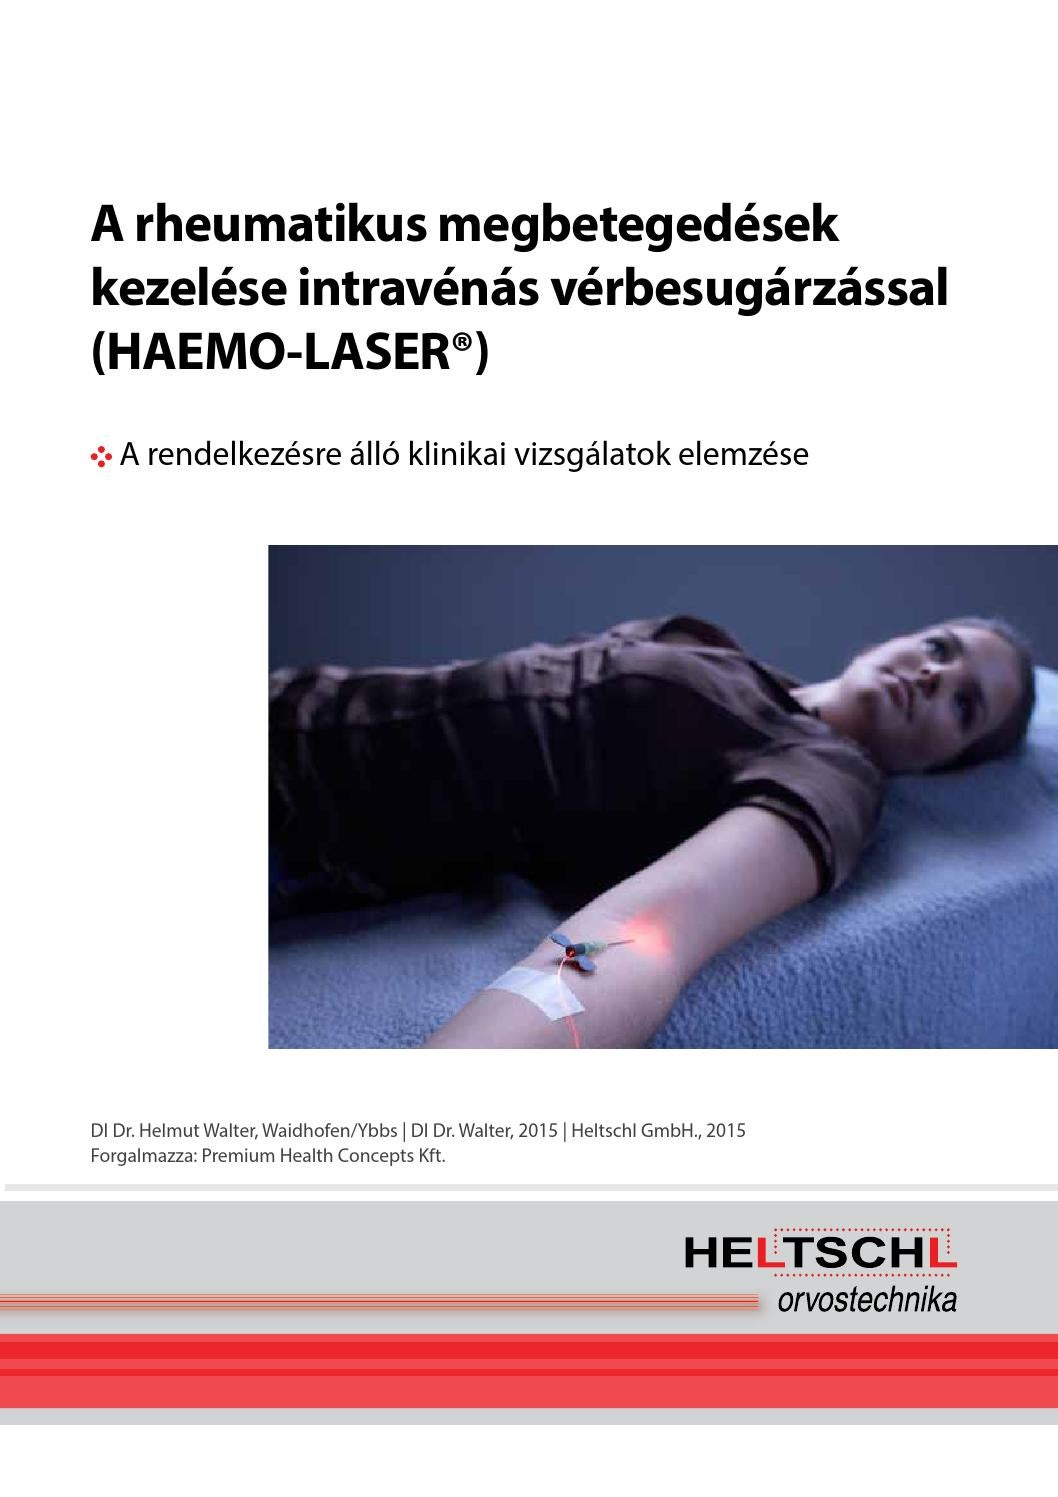 kötőszöveti betegségek farmakológia)